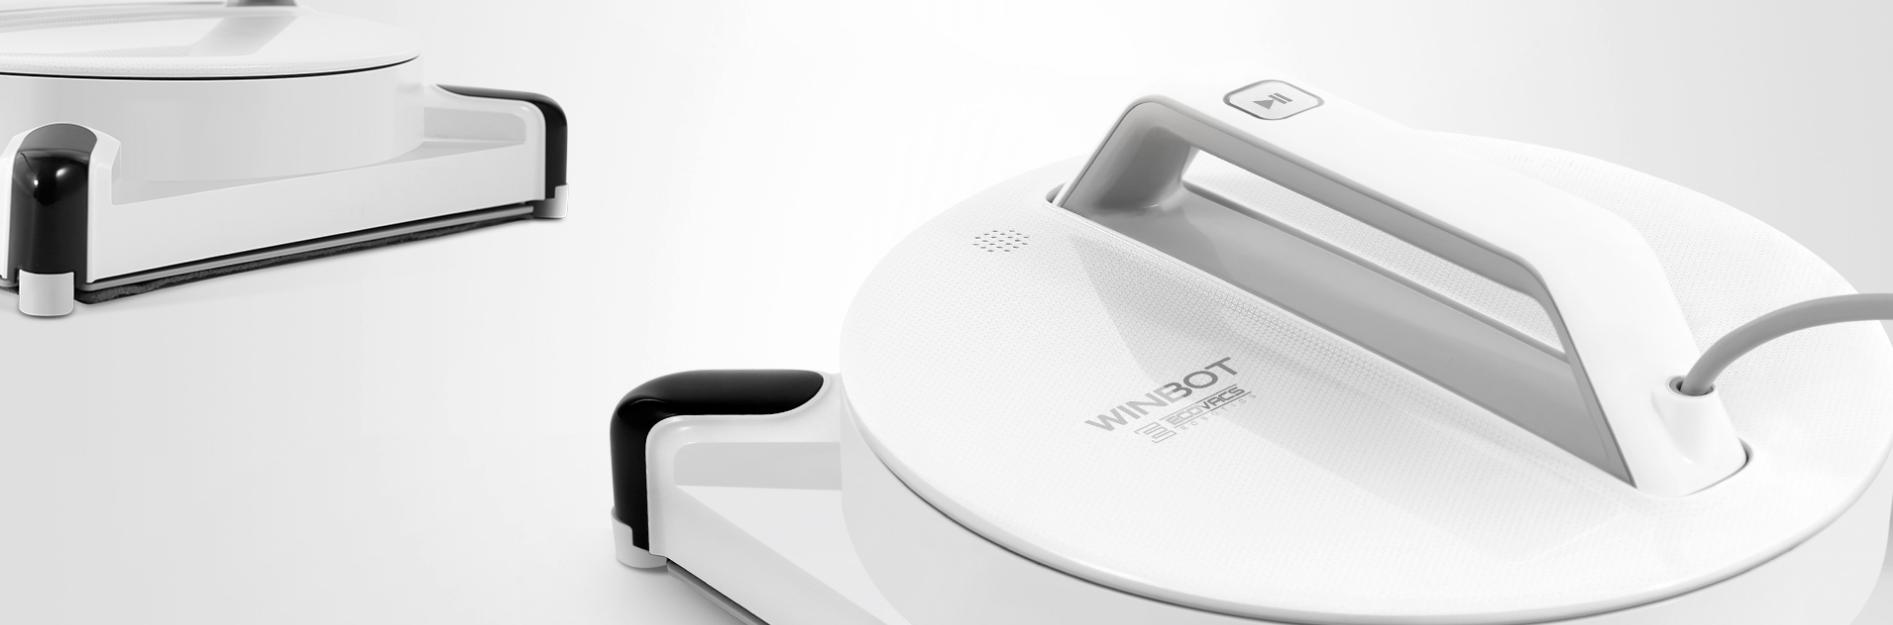 Le winbot 950 d'ecovacs robotics bientôt disponible sur bestofrobots.fr